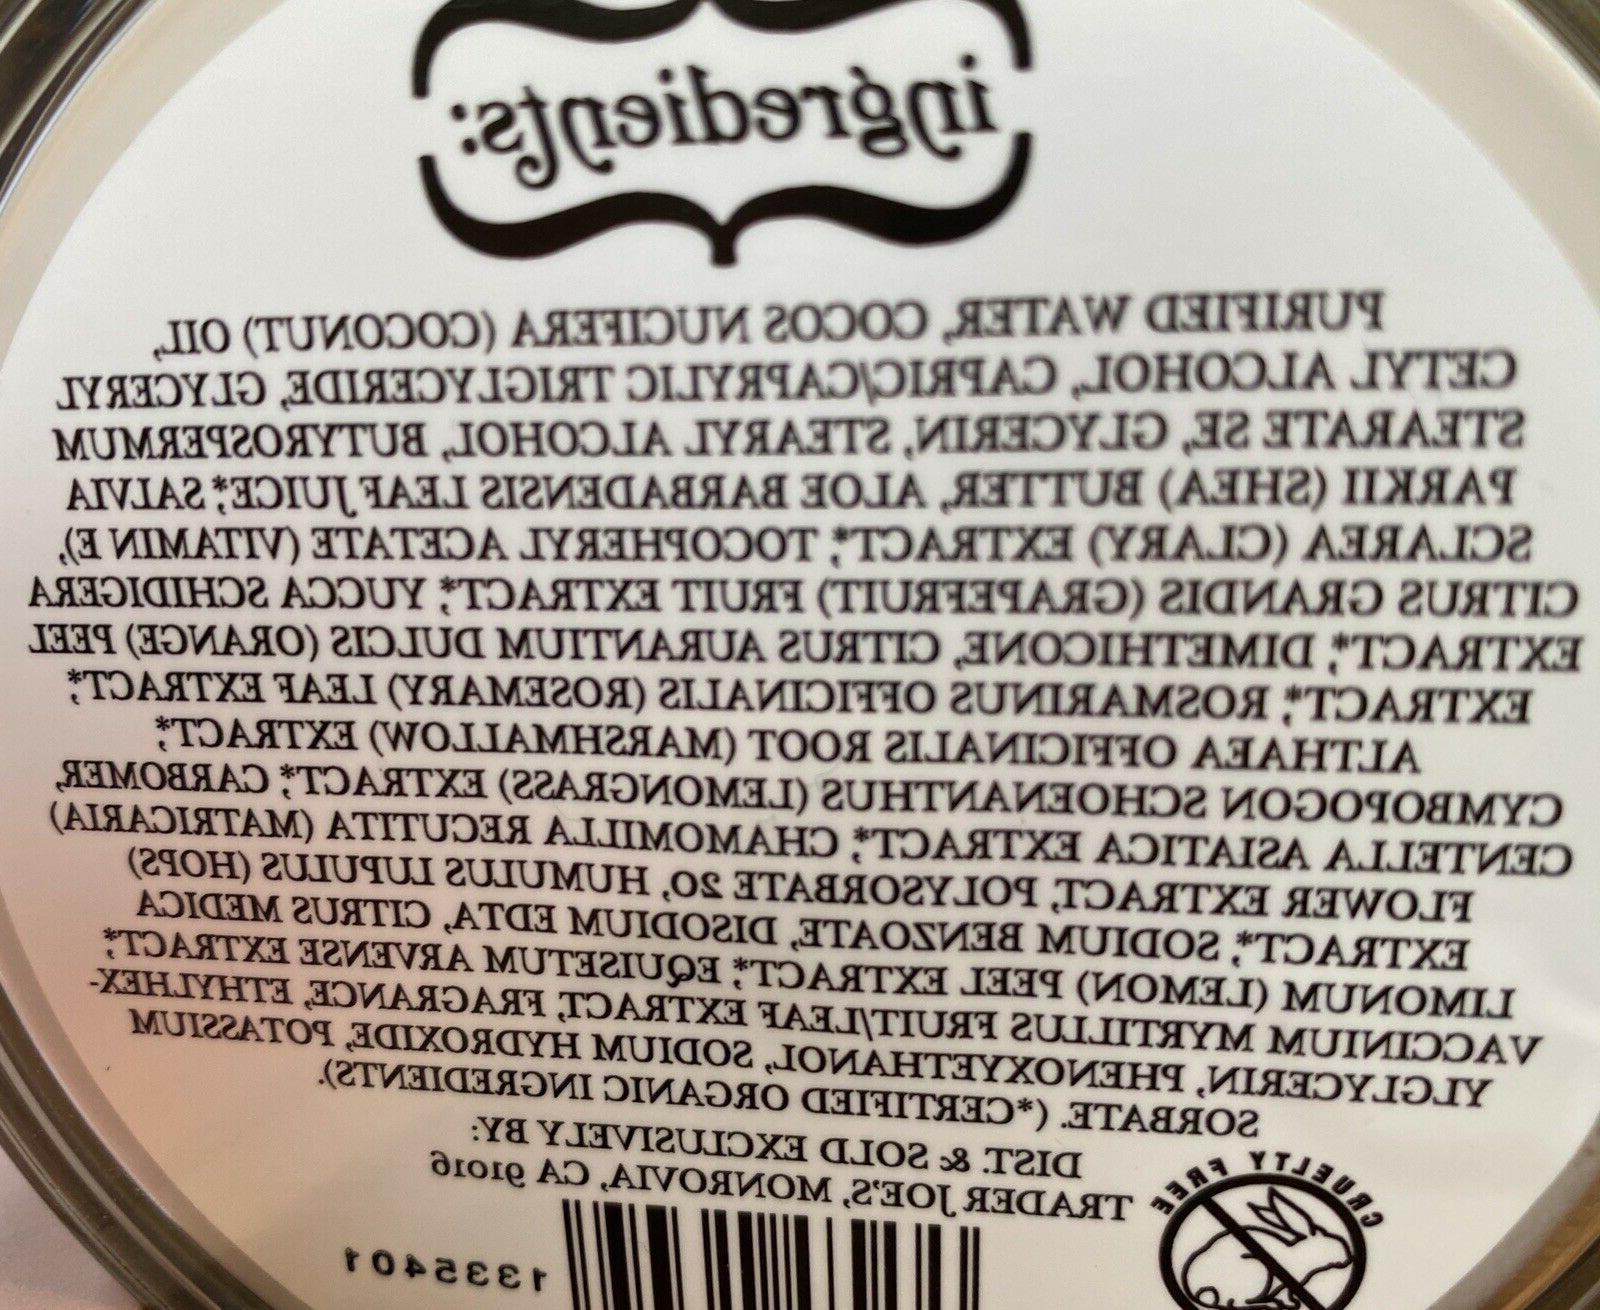 trader butter Cream w Coconut oil,Shea Vit